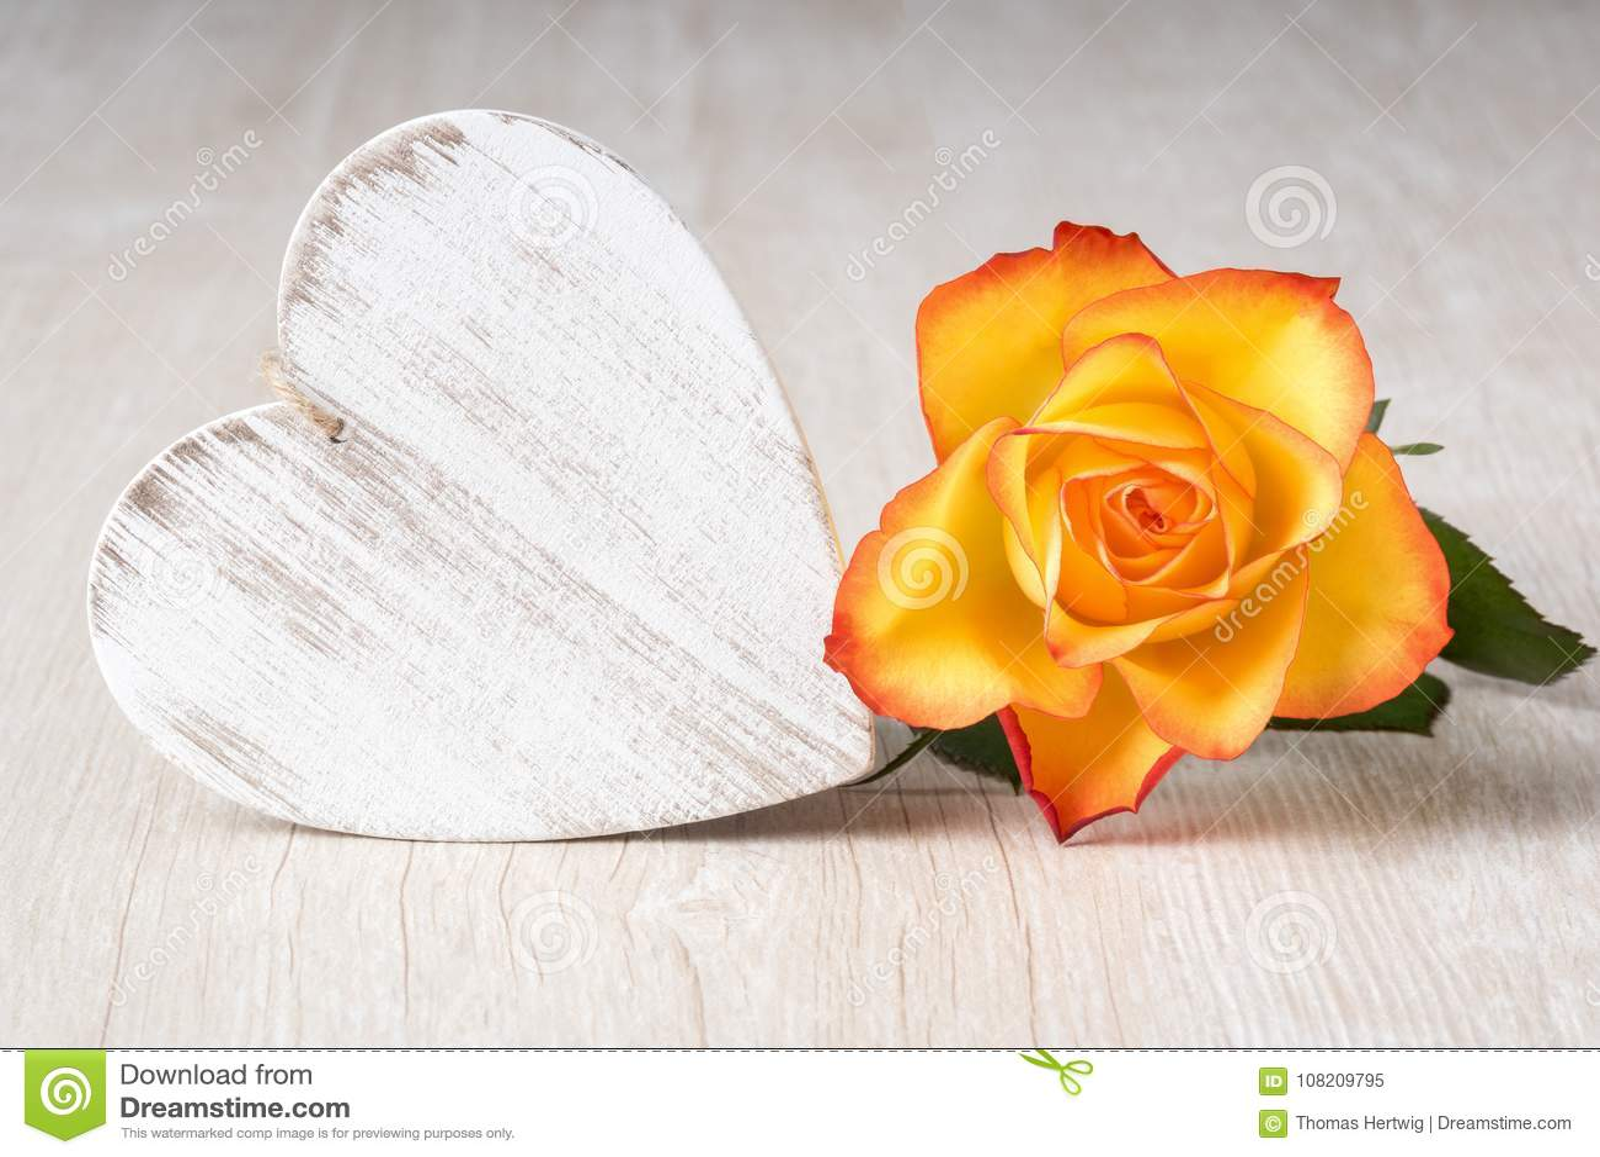 Herz und Rose Flowers auf rustikaler Tabelle - lieben Sie Konzept